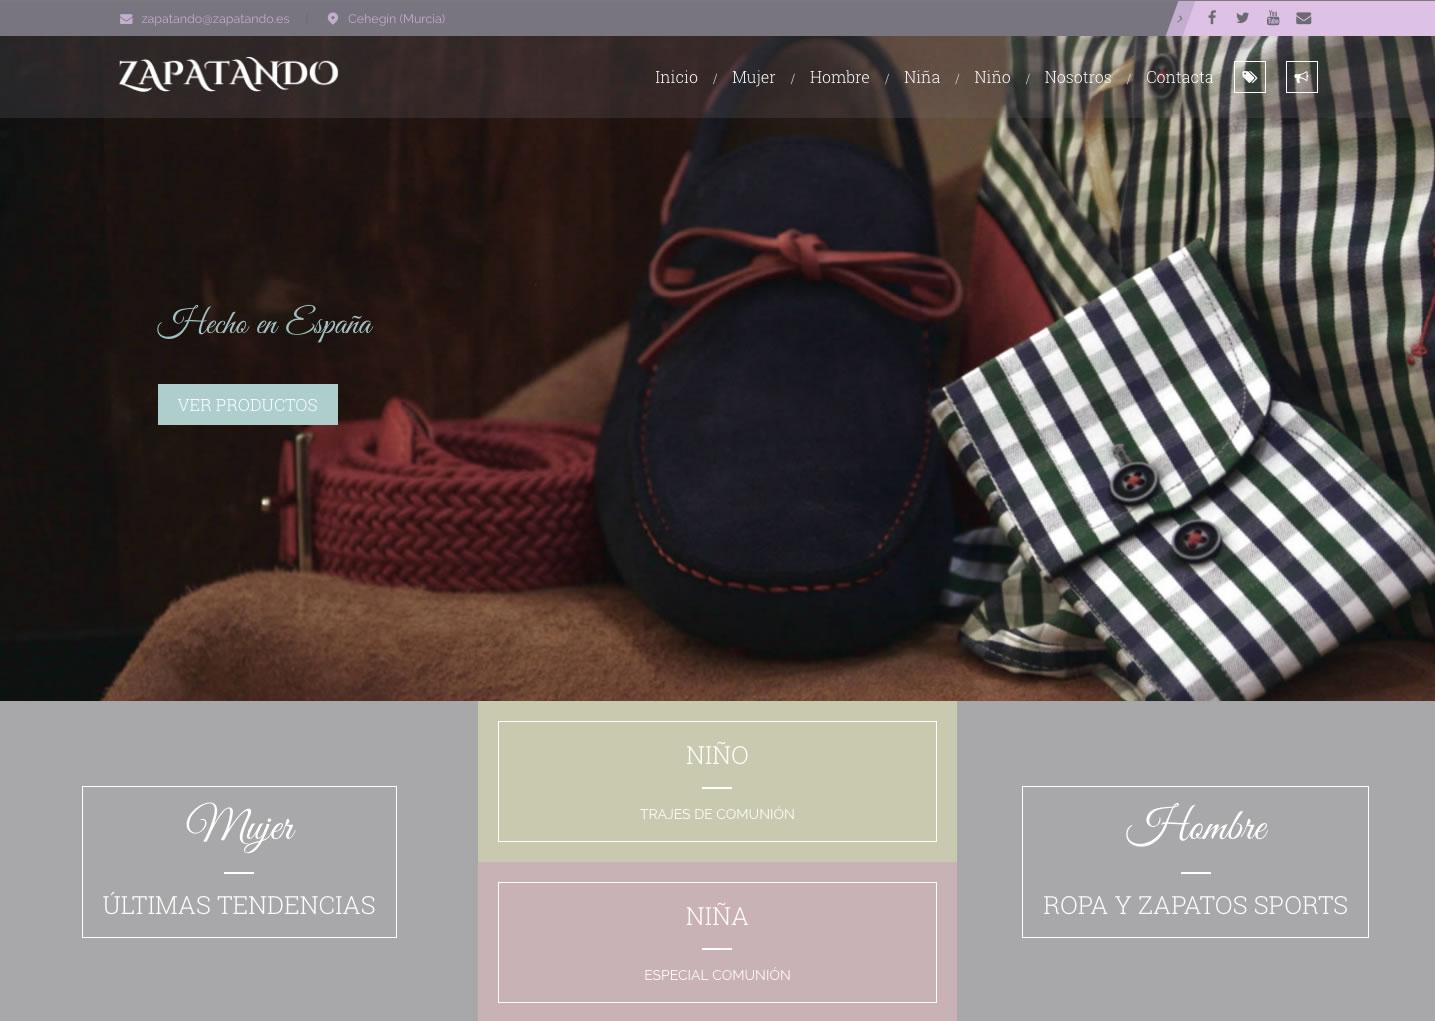 Nuevo desarrollo web para la empresa de moda Zapatando